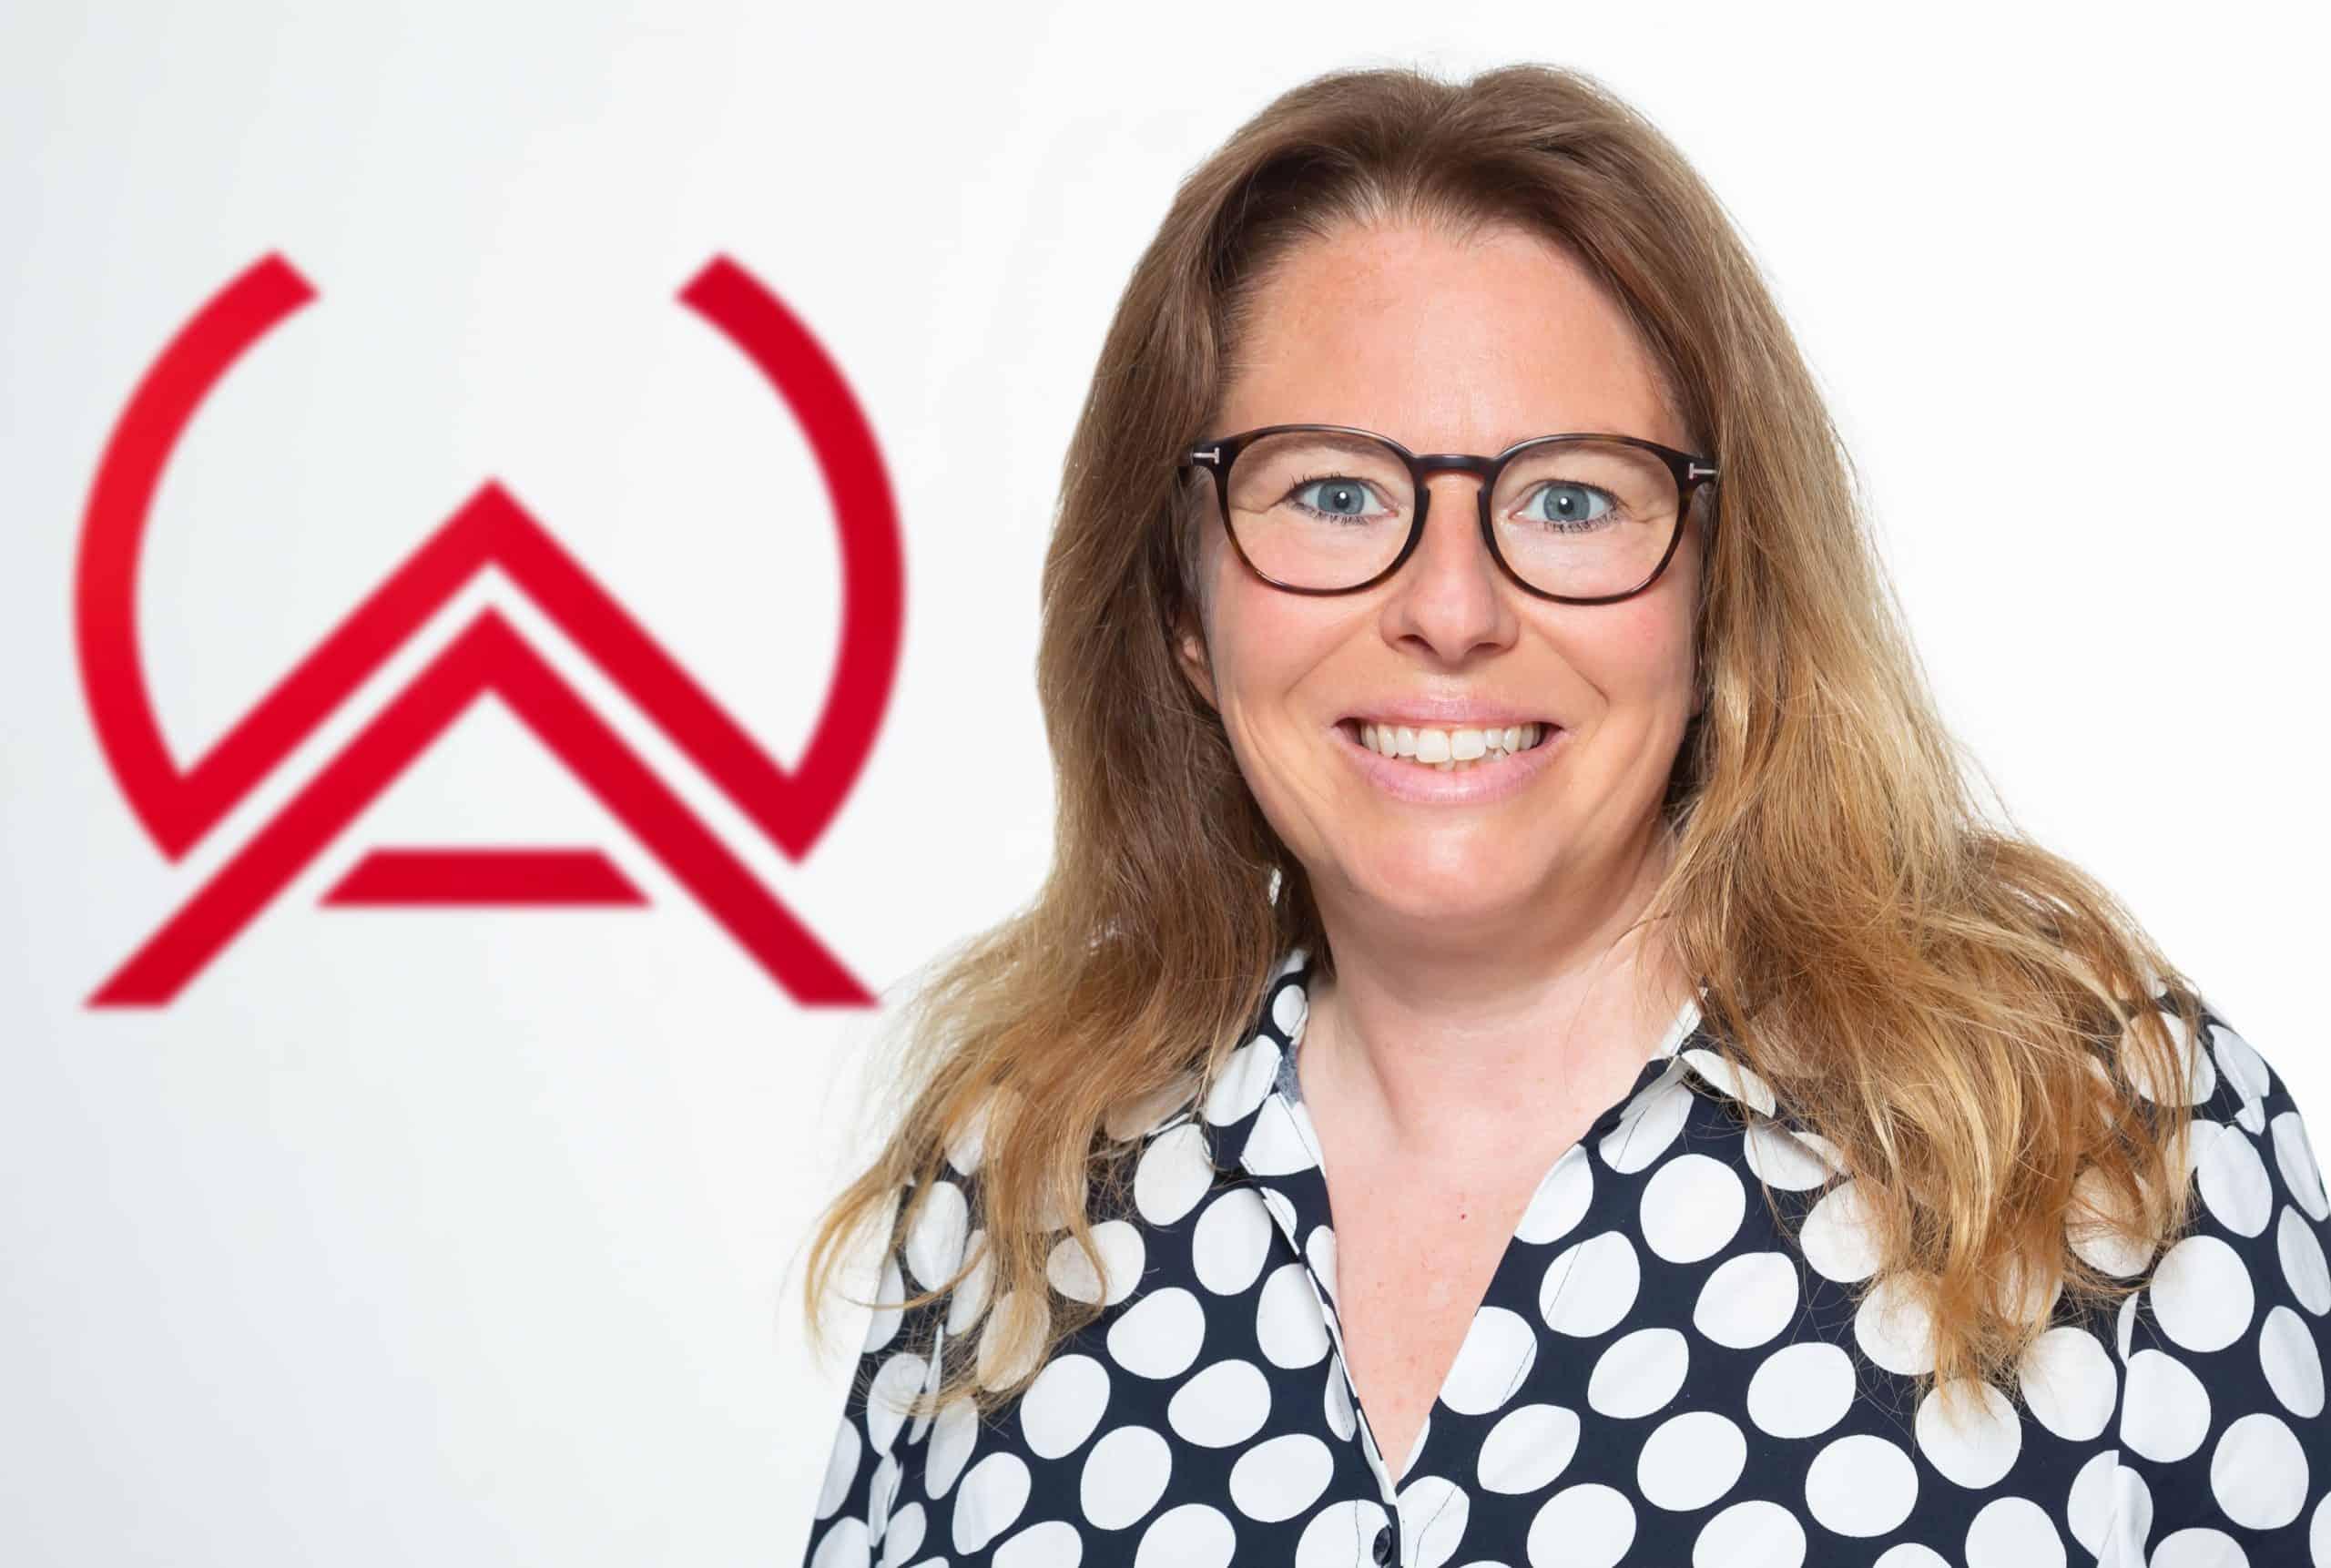 Melanie Willer